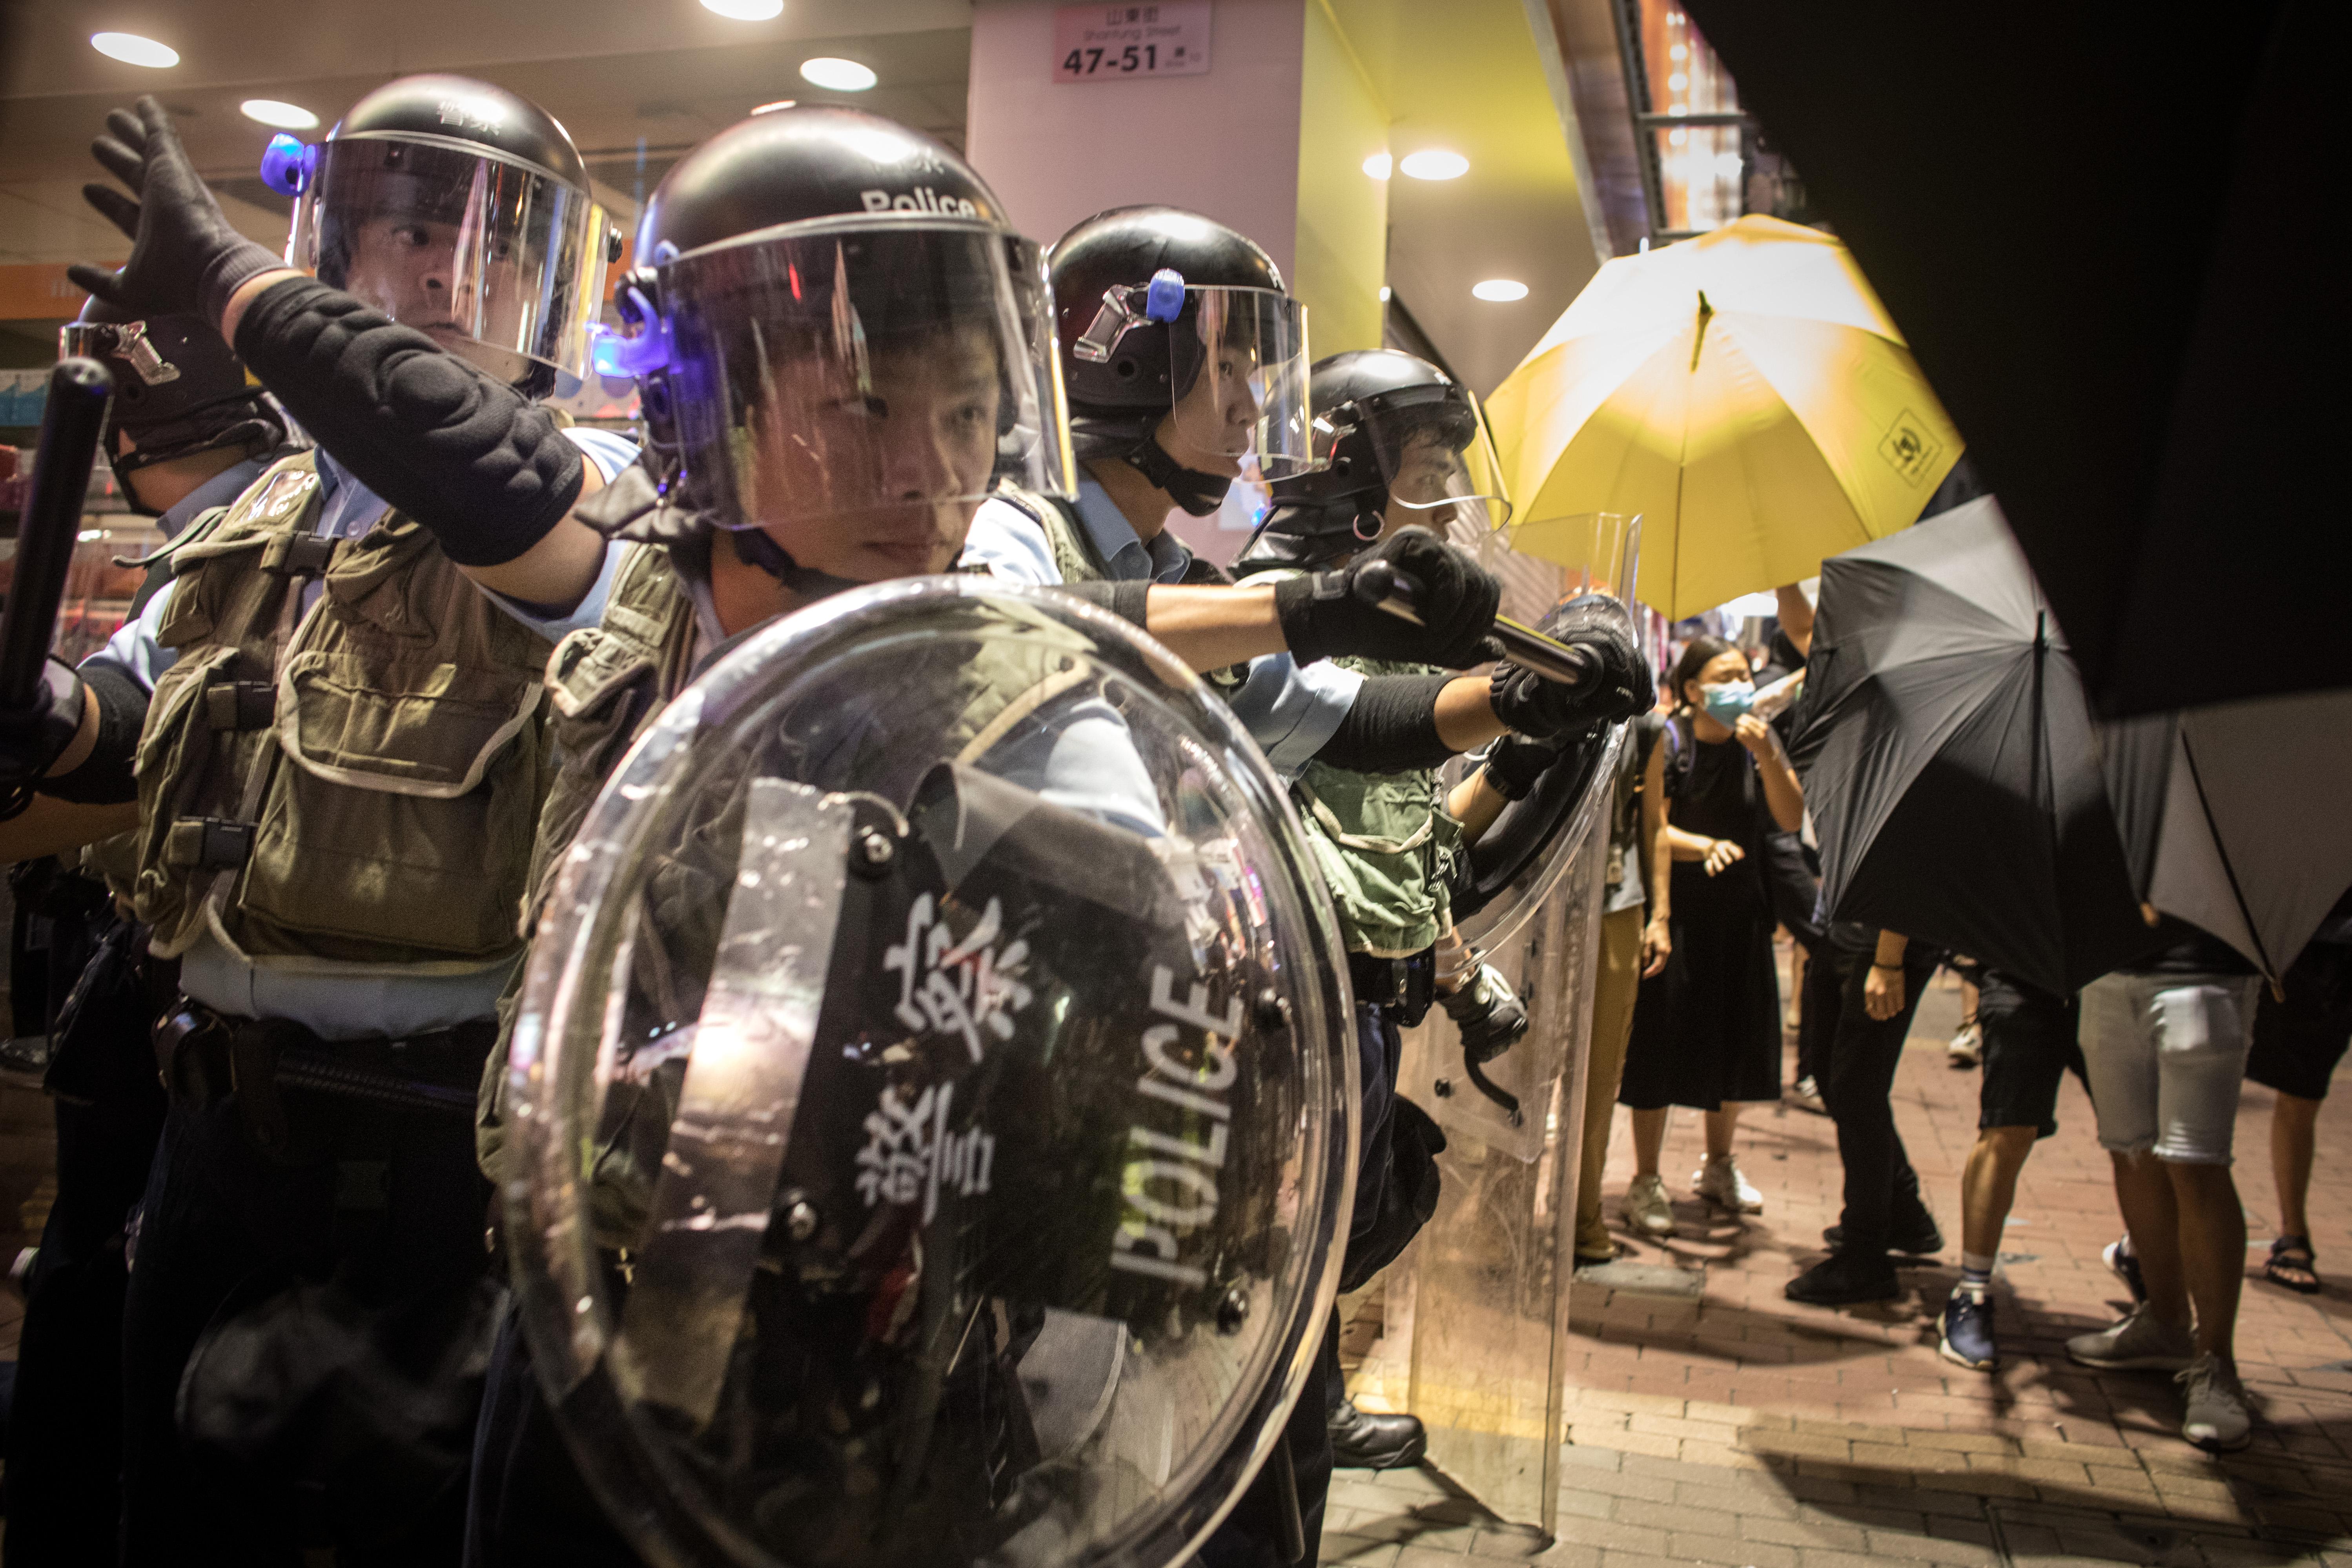 香港市民,你對警隊有信心嗎?